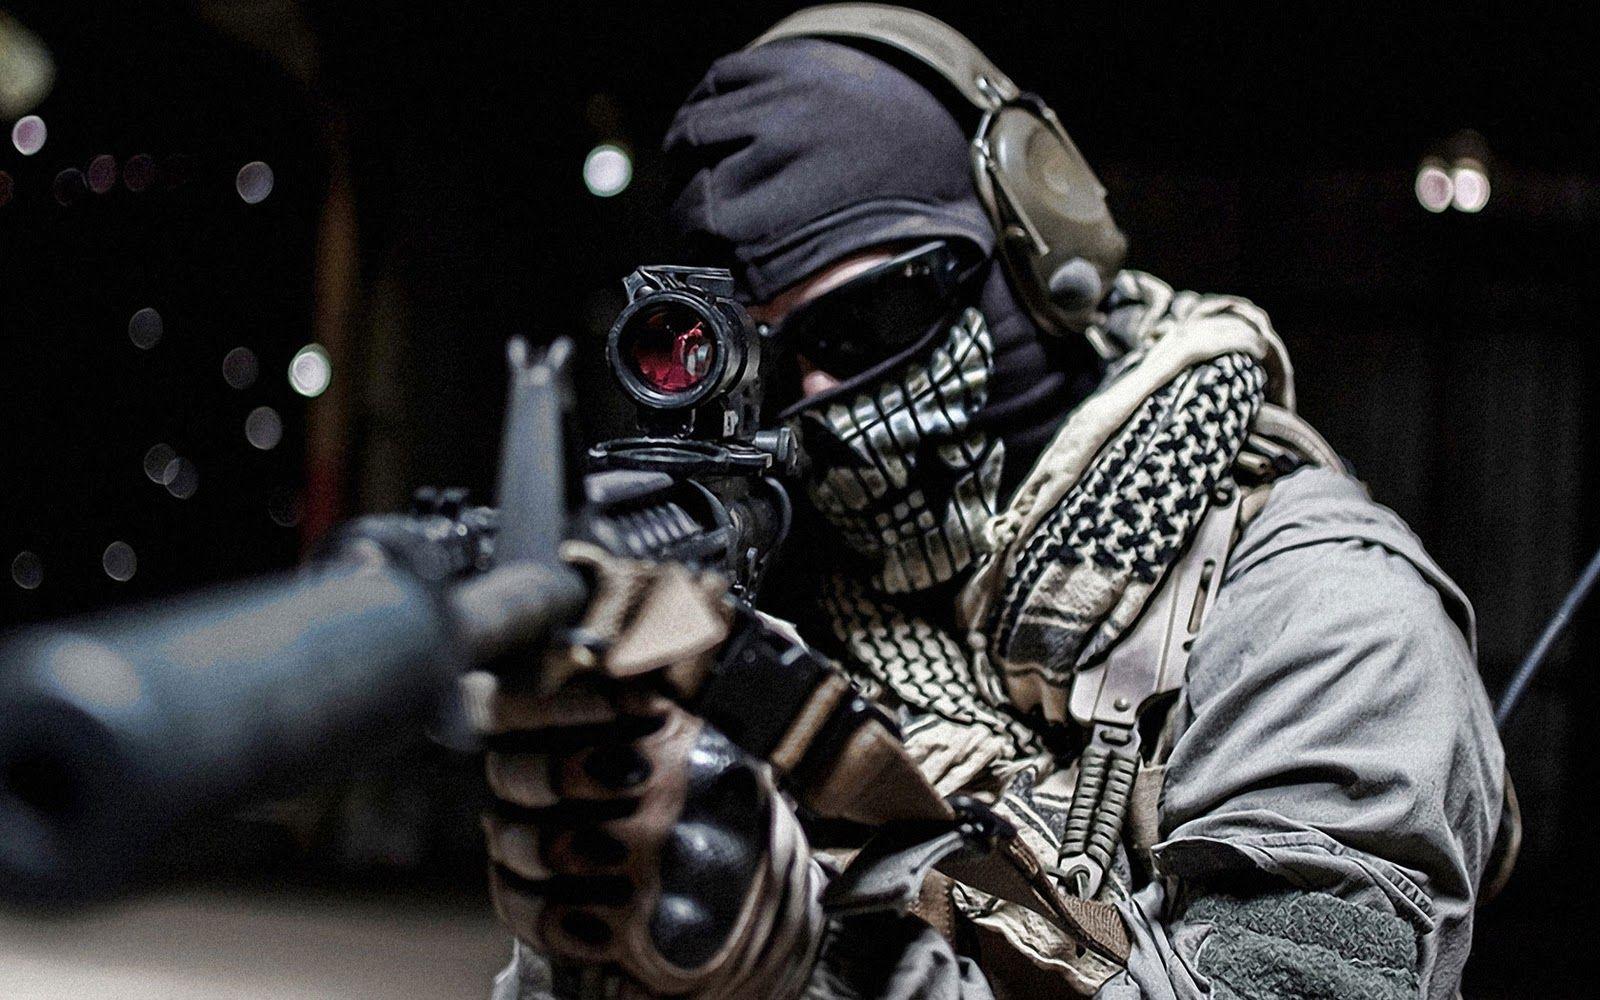 Real Life MW Ghost HD Wallpaper | modern war | Pinterest